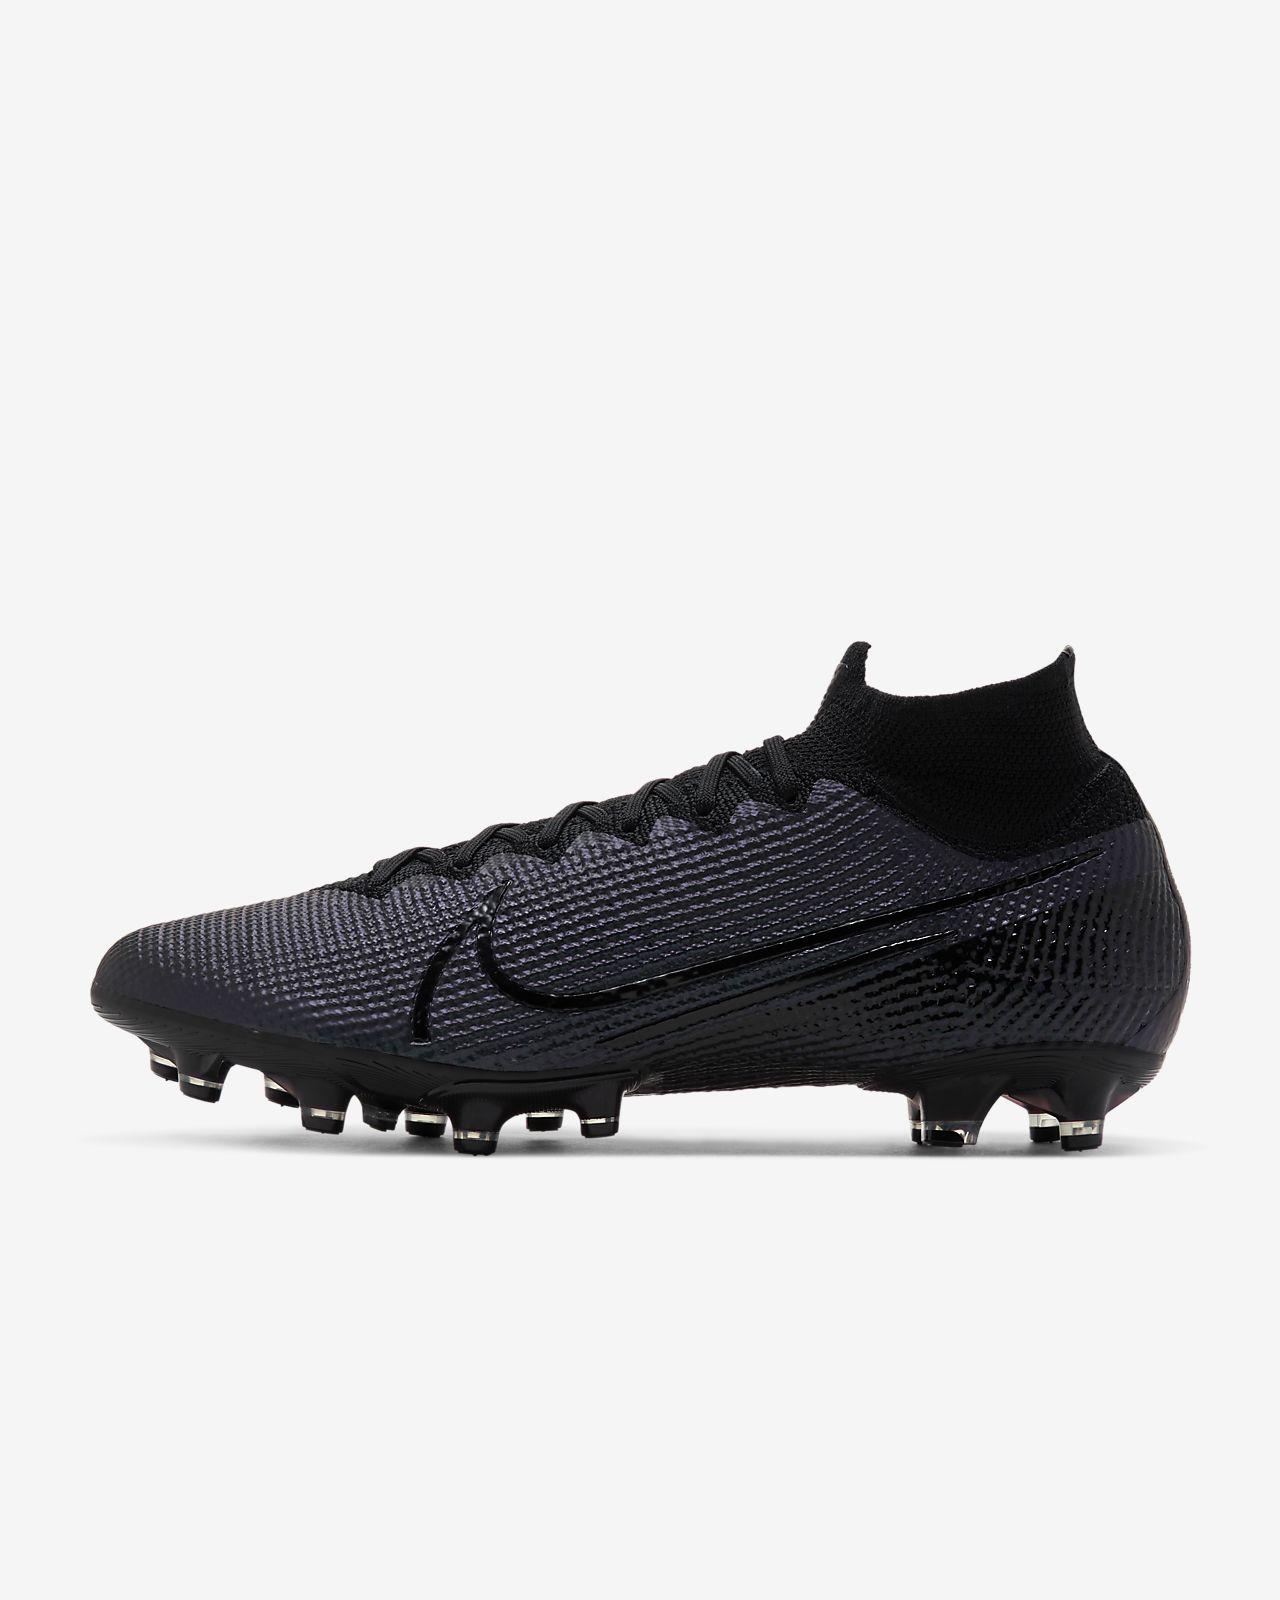 nike fodboldstøvler størrelsesguide, Danmark Butik Tilbud